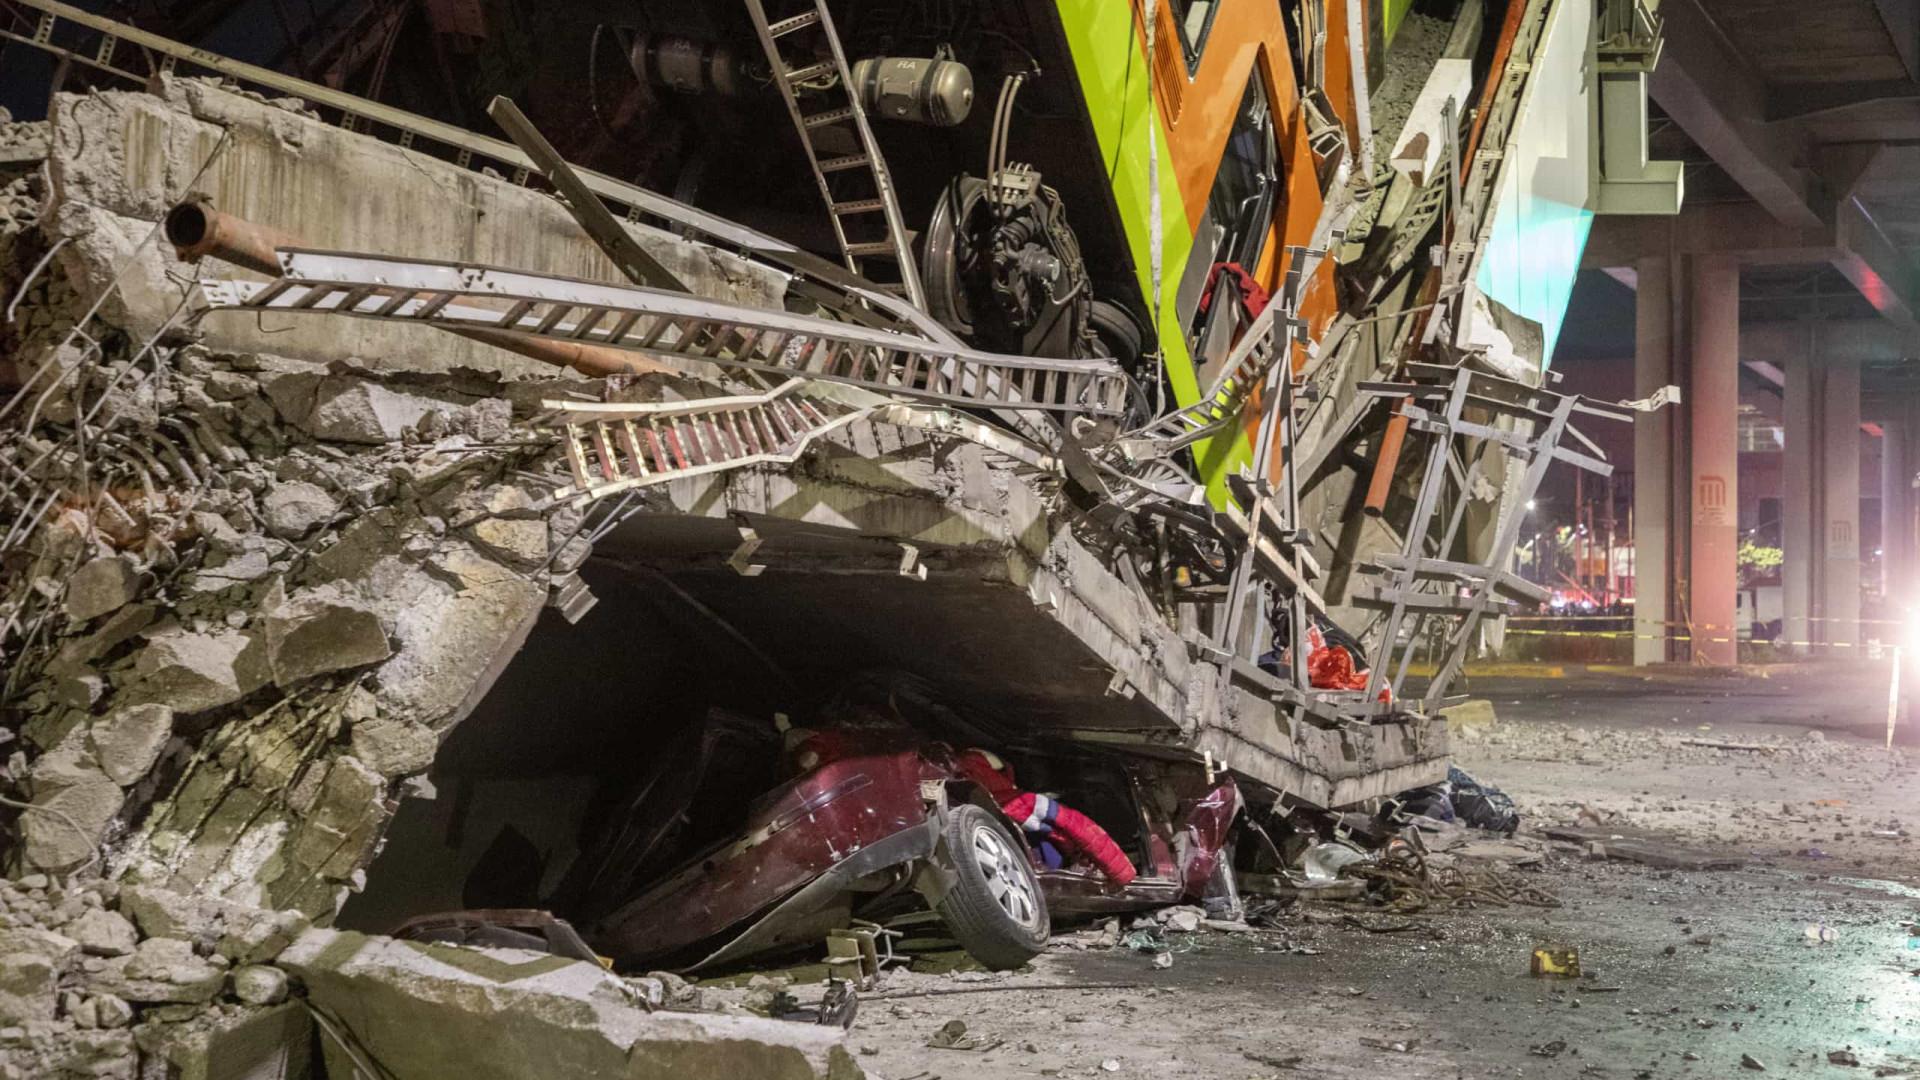 Desabamento de viaduto derruba metrô e deixa ao menos 23 mortos no Méxic